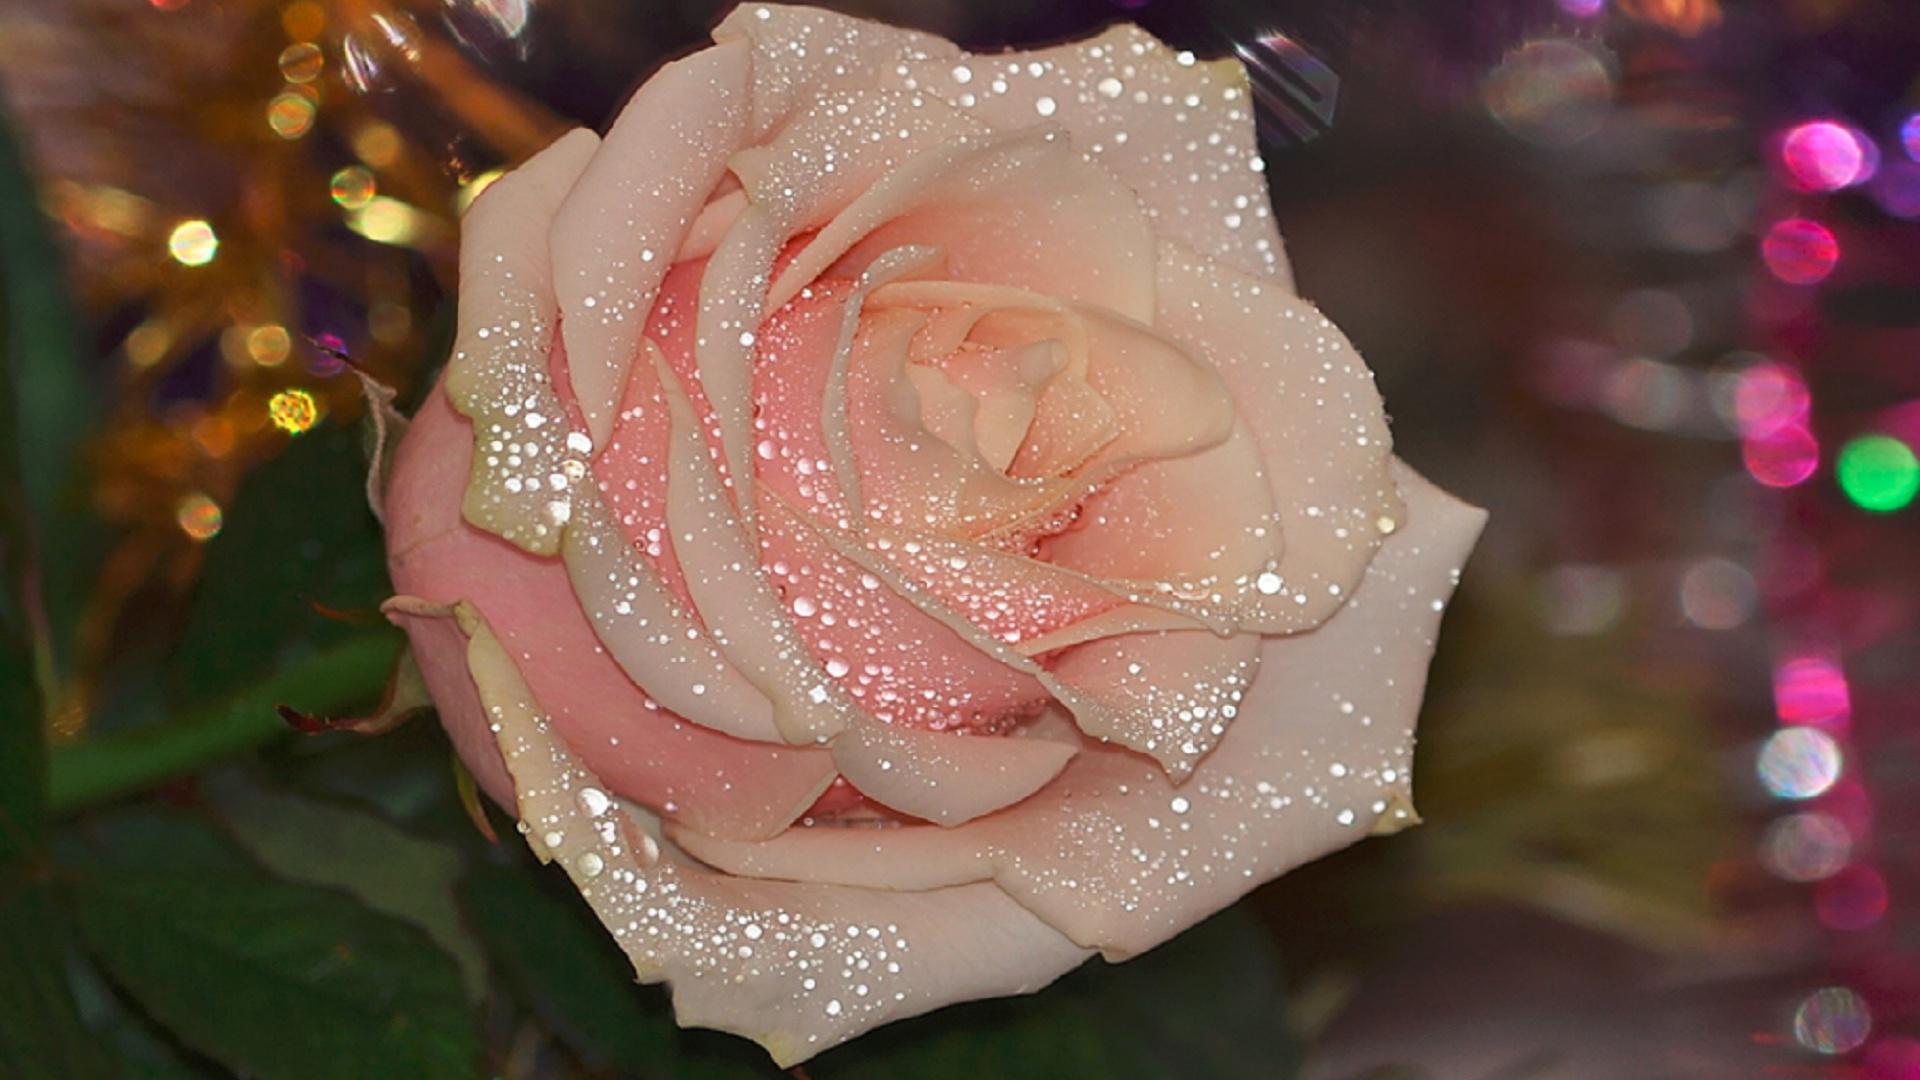 фото посмотреть картинки розы с блестками одна